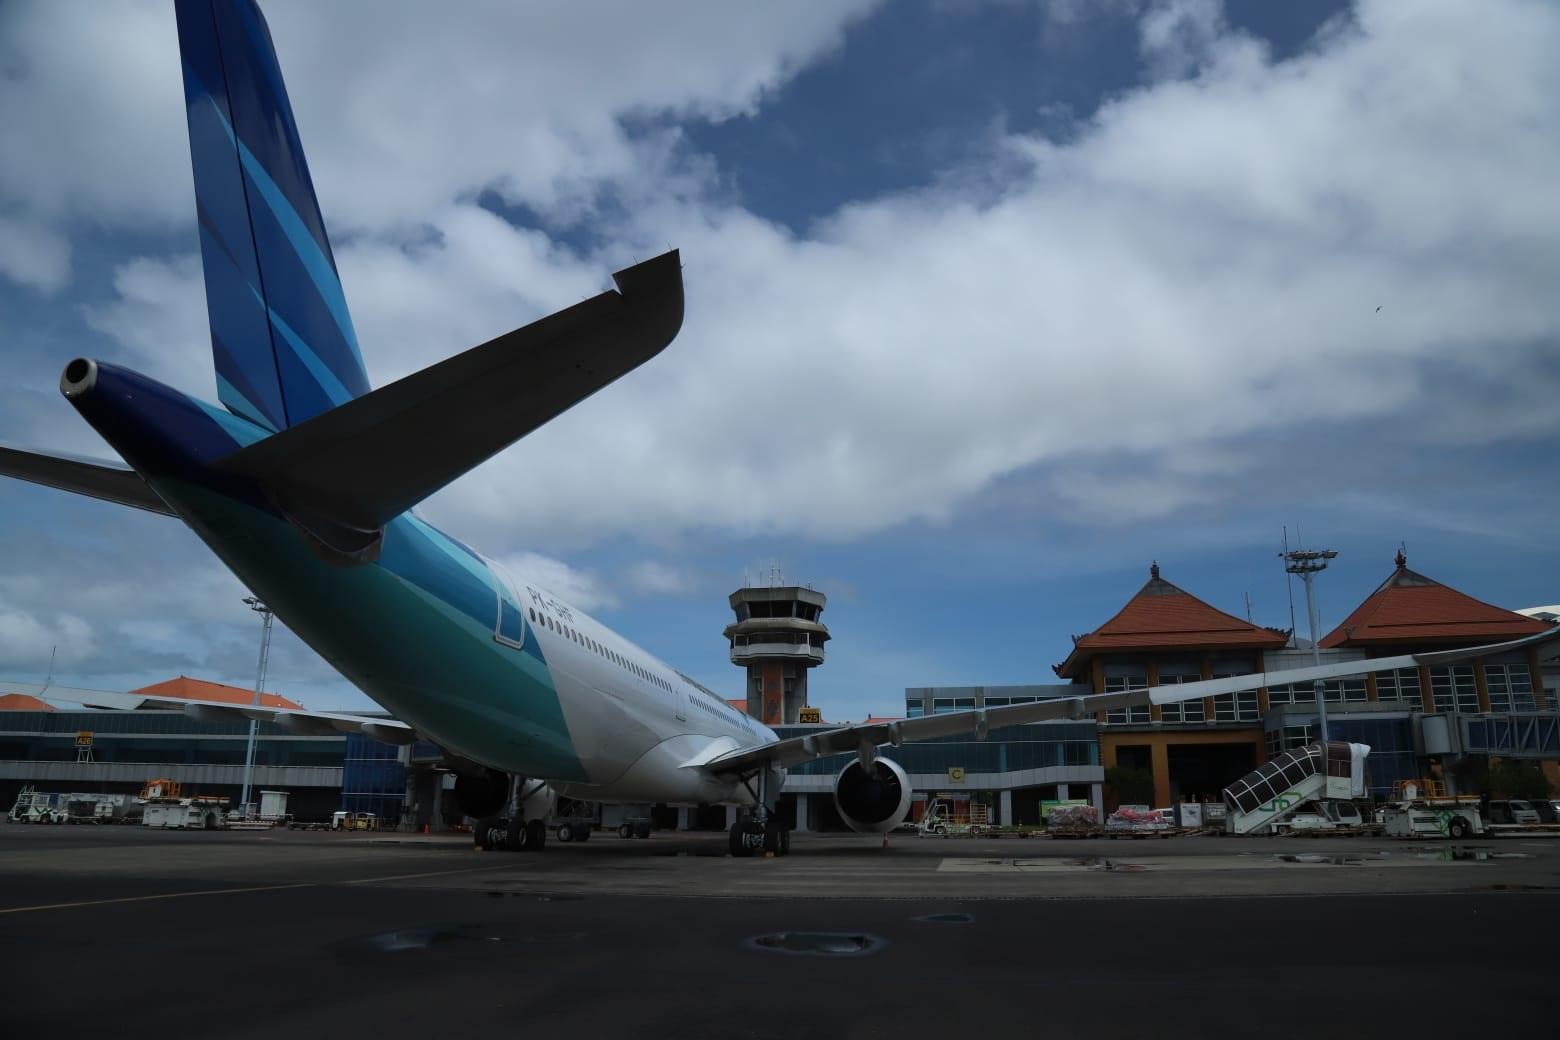 PESAWAT Garuda Indonesia yang parkir di appron Bandara Internasional I Gusti Ngurah Rai. Foto: gay